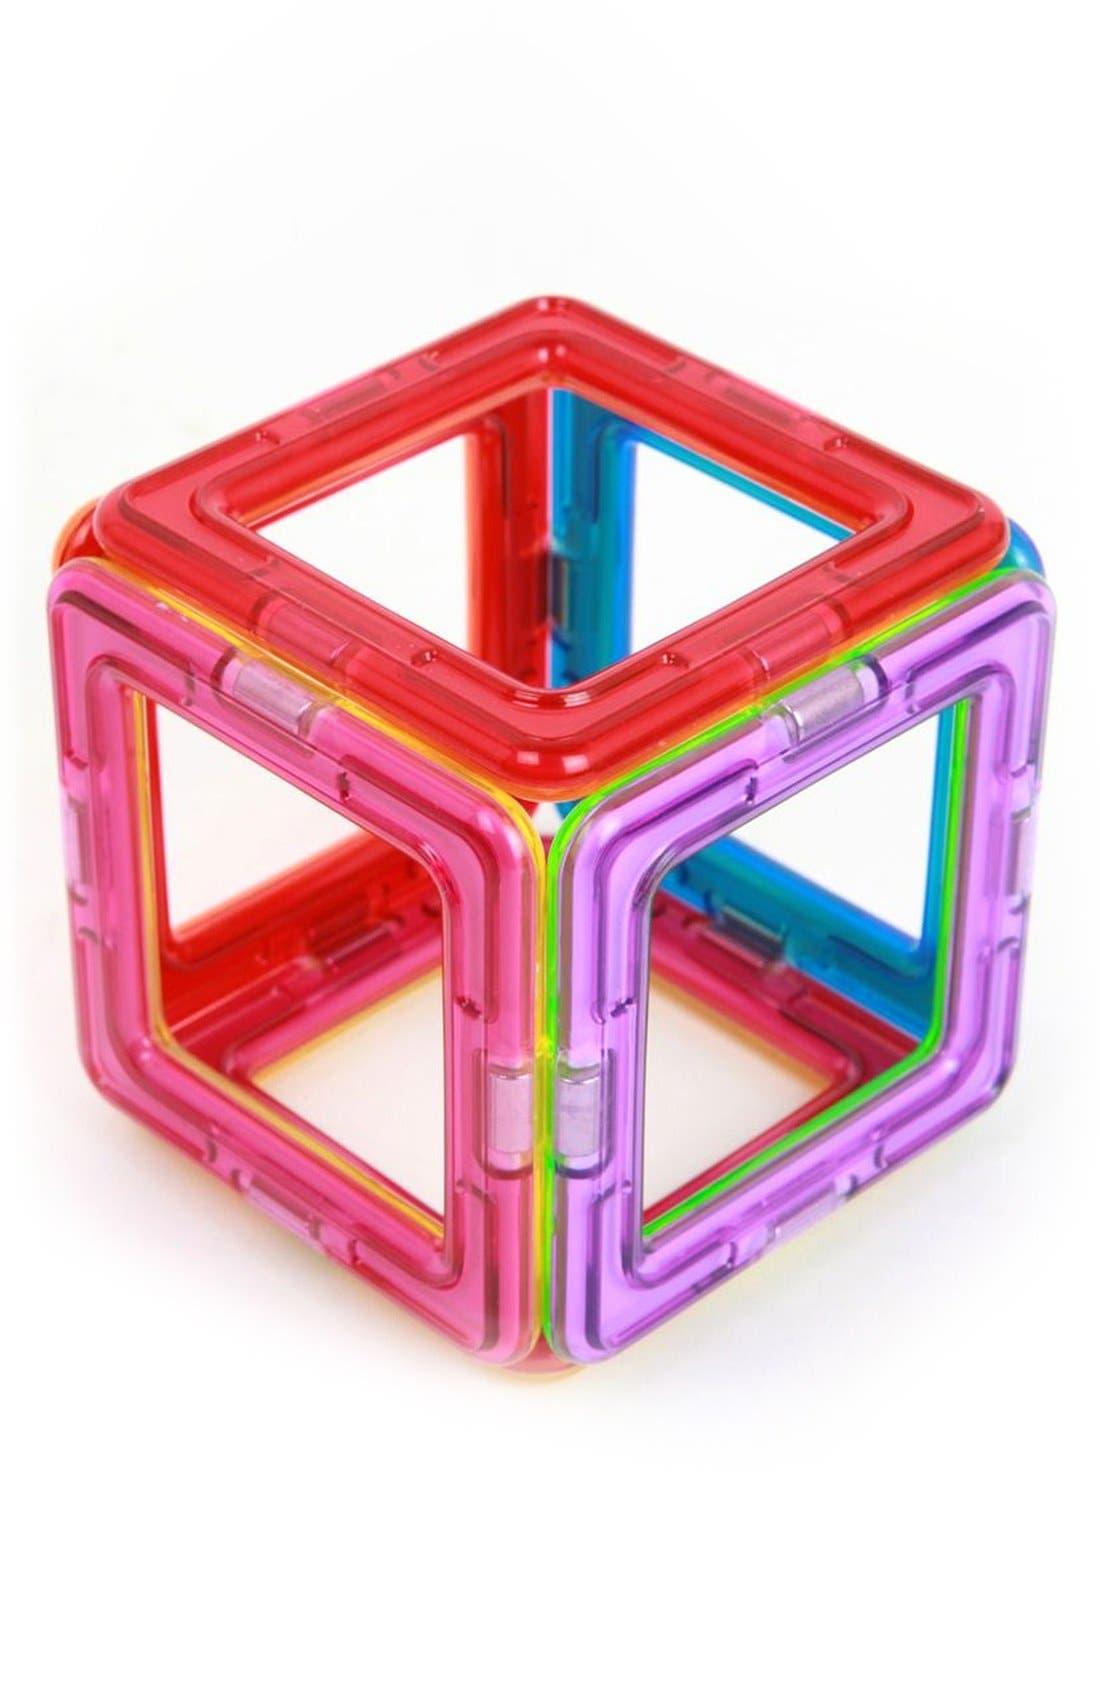 'Squares' Construction Set,                             Alternate thumbnail 2, color,                             960